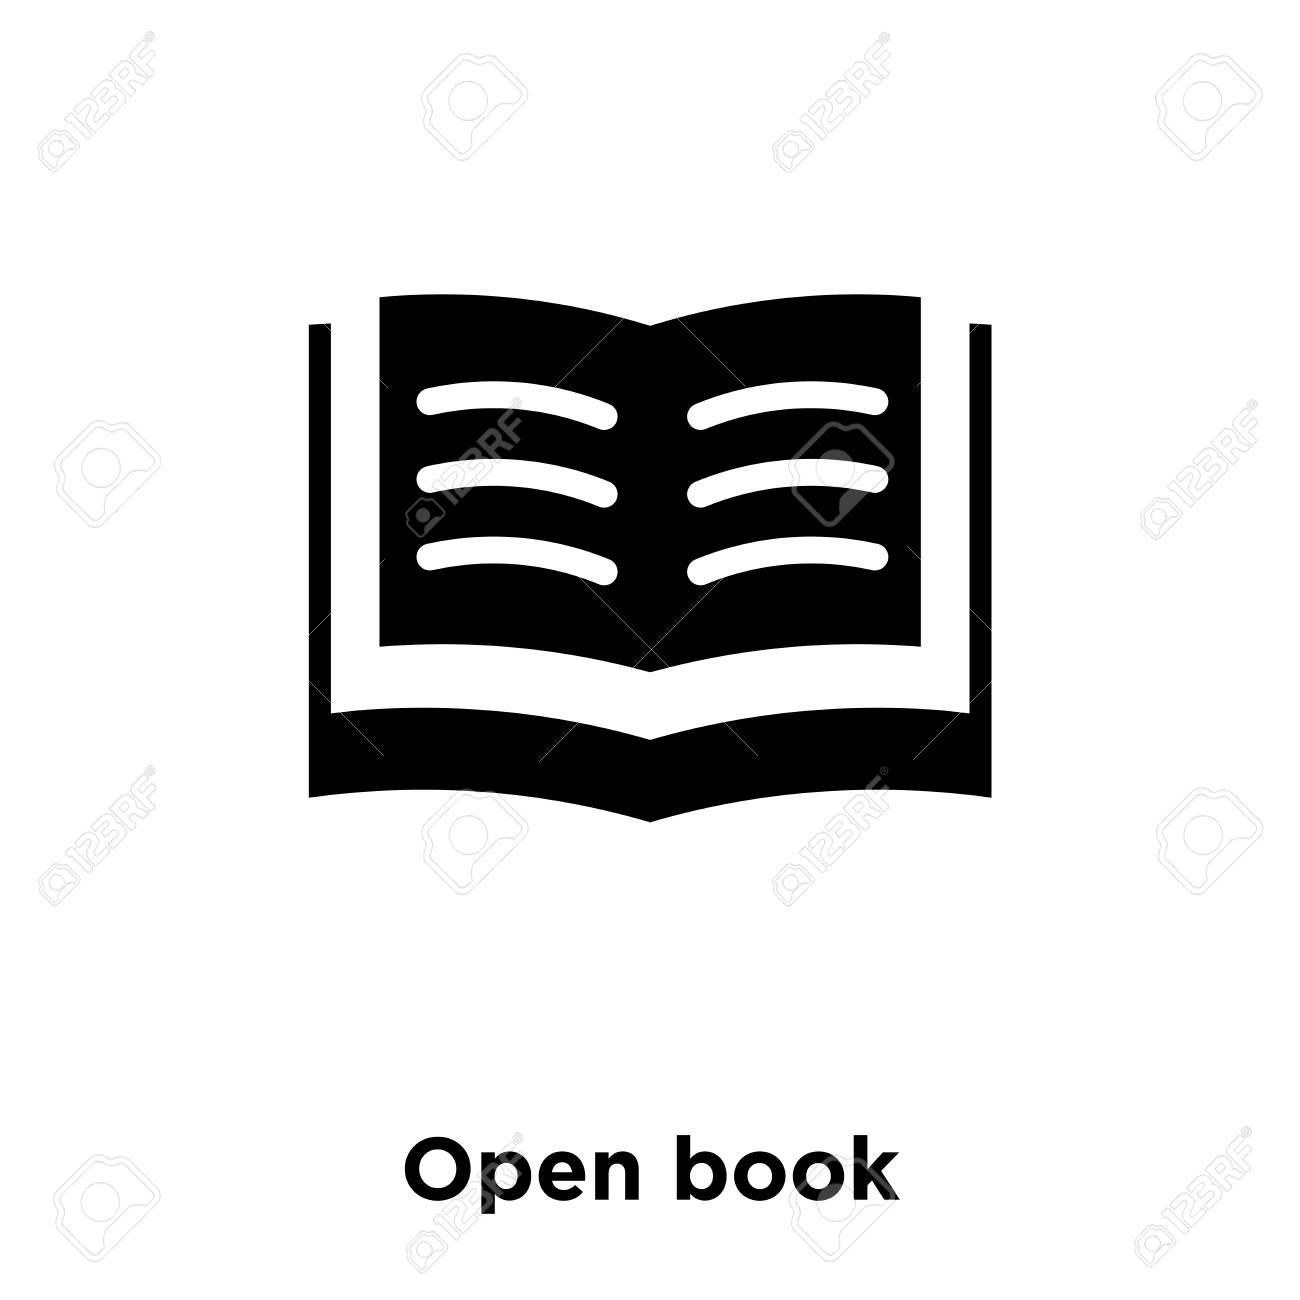 open book icon vector free